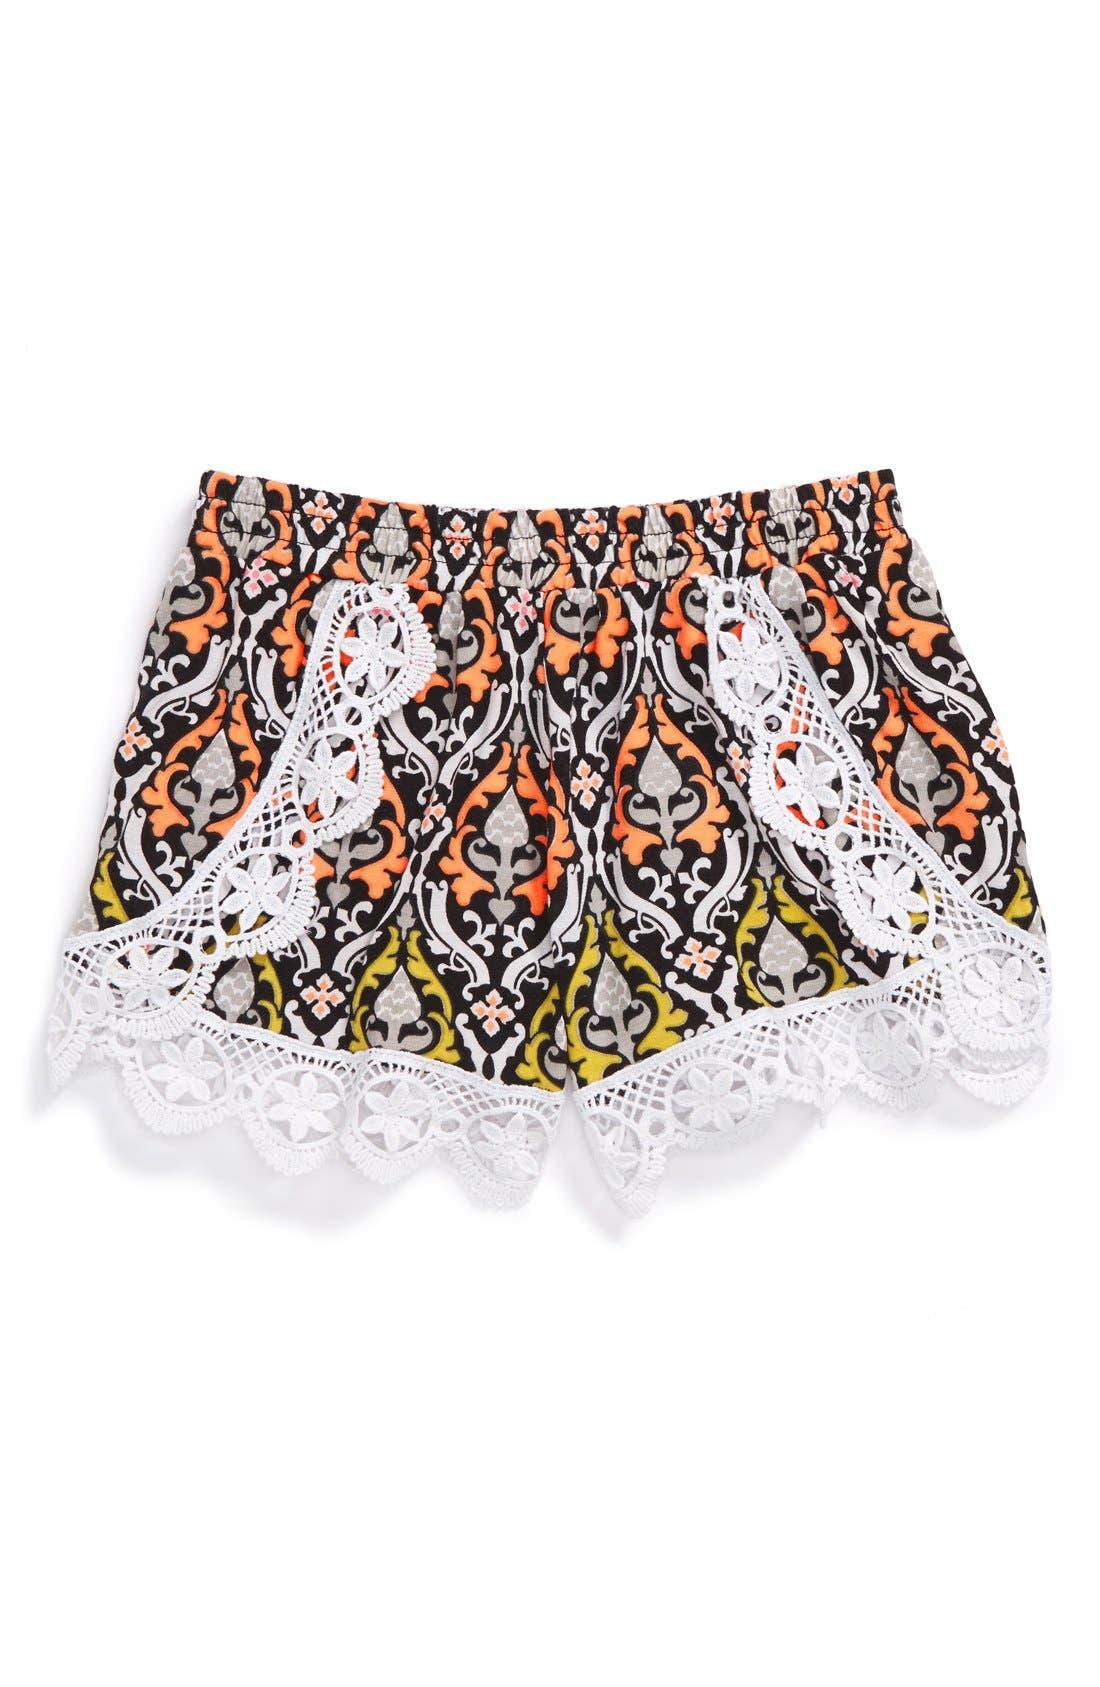 Alternate Image 1 Selected - Flowers by Zoe Crochet Trim Shorts (Toddler Girls & Little Girls)